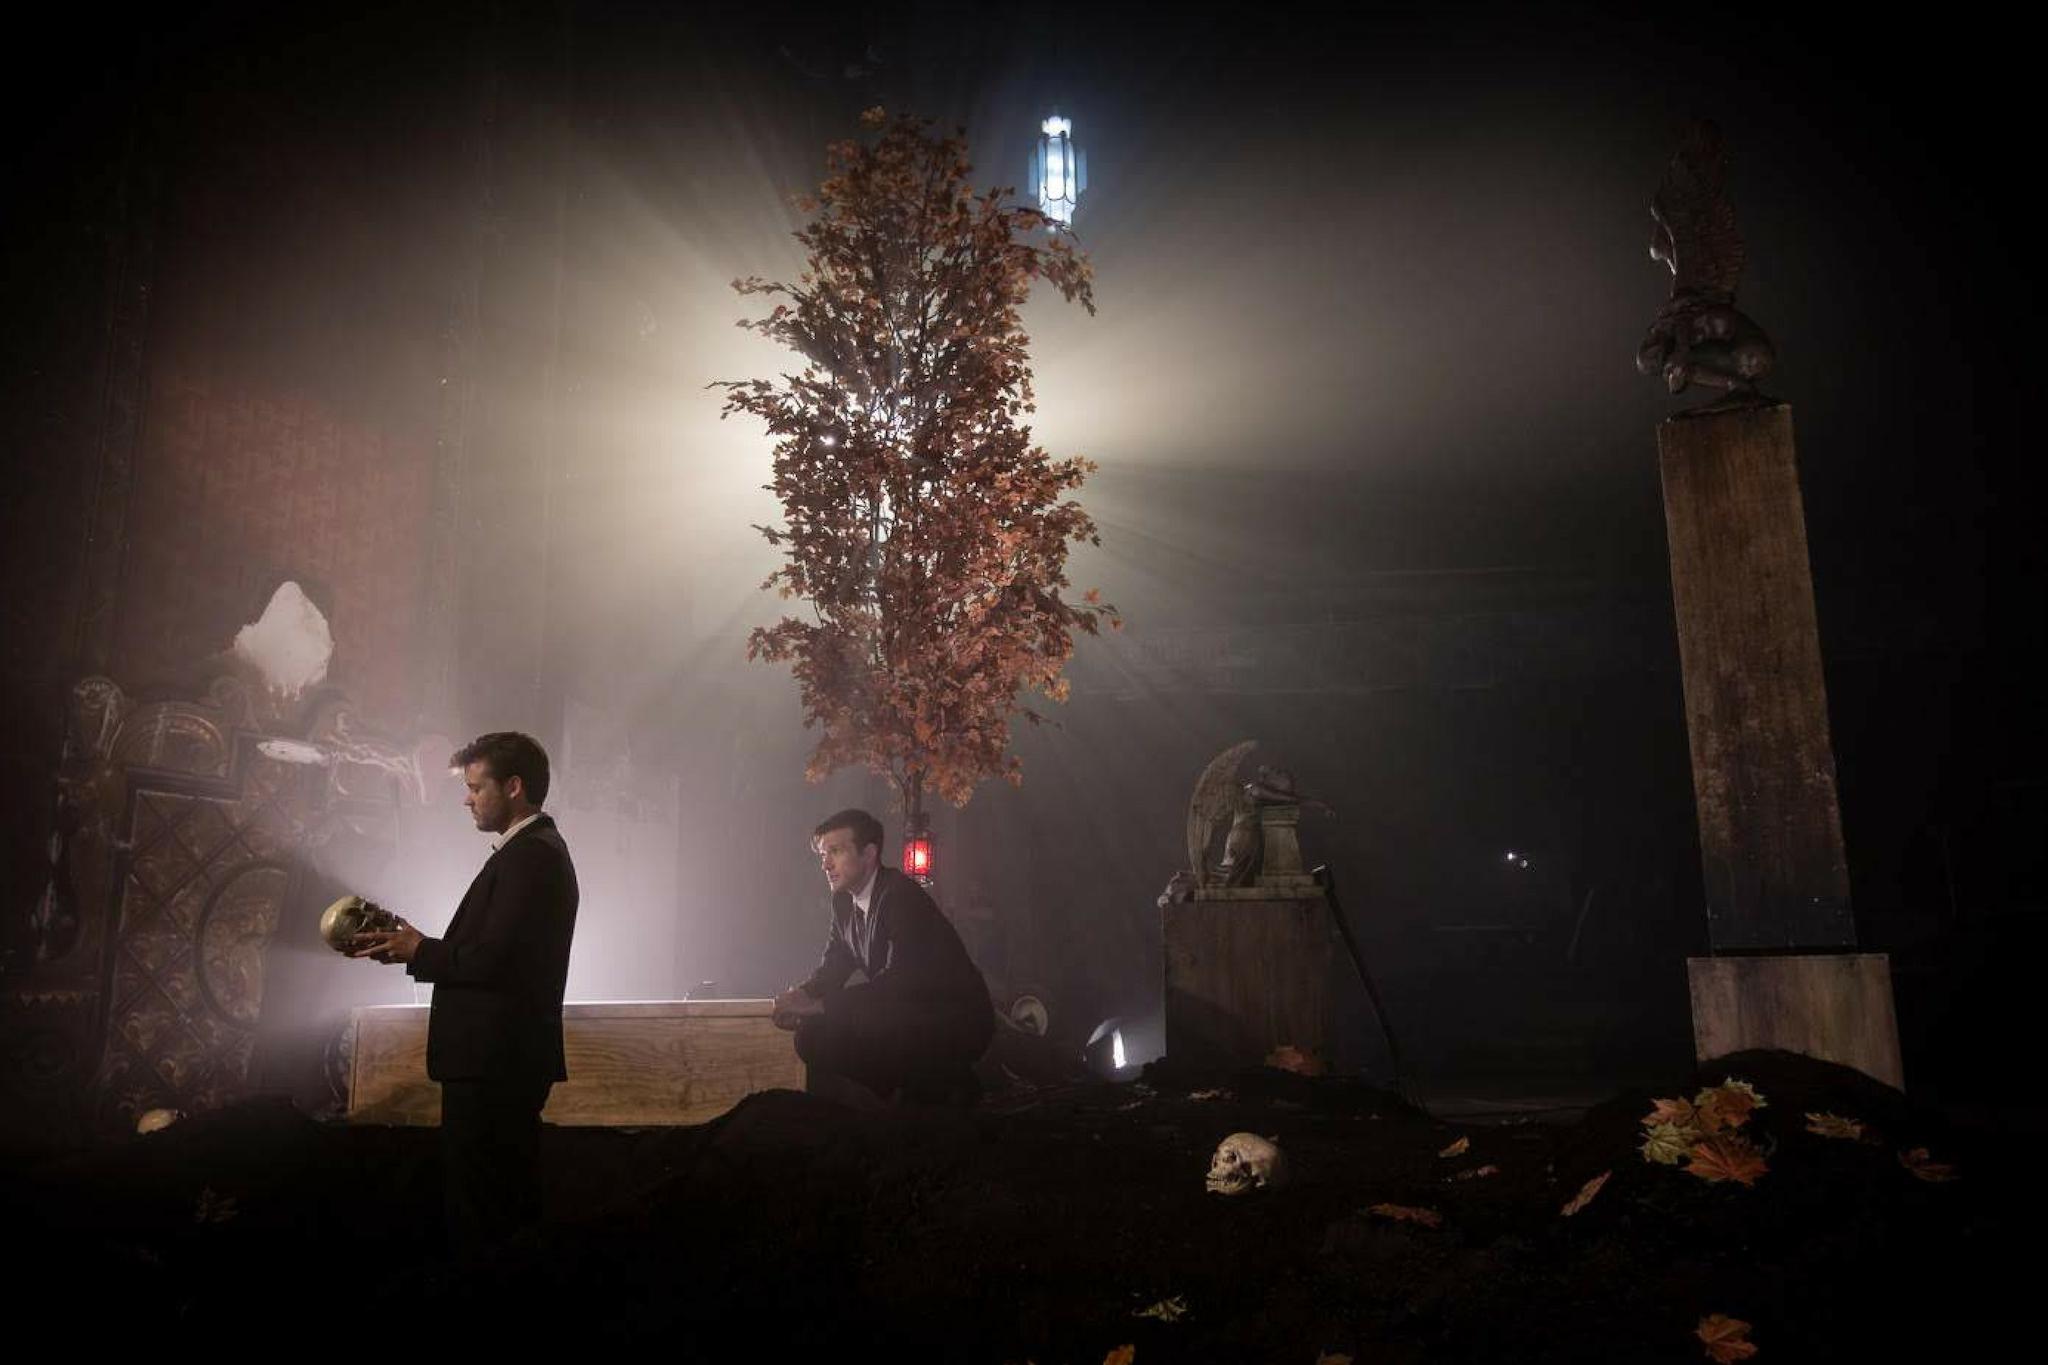 Jack Cutmore-Scott (Hamlet) and Jacob Fishel (Horatio) in Hamlet 360: Thy Father's Spirit. Photo by Matthew Niederhauser